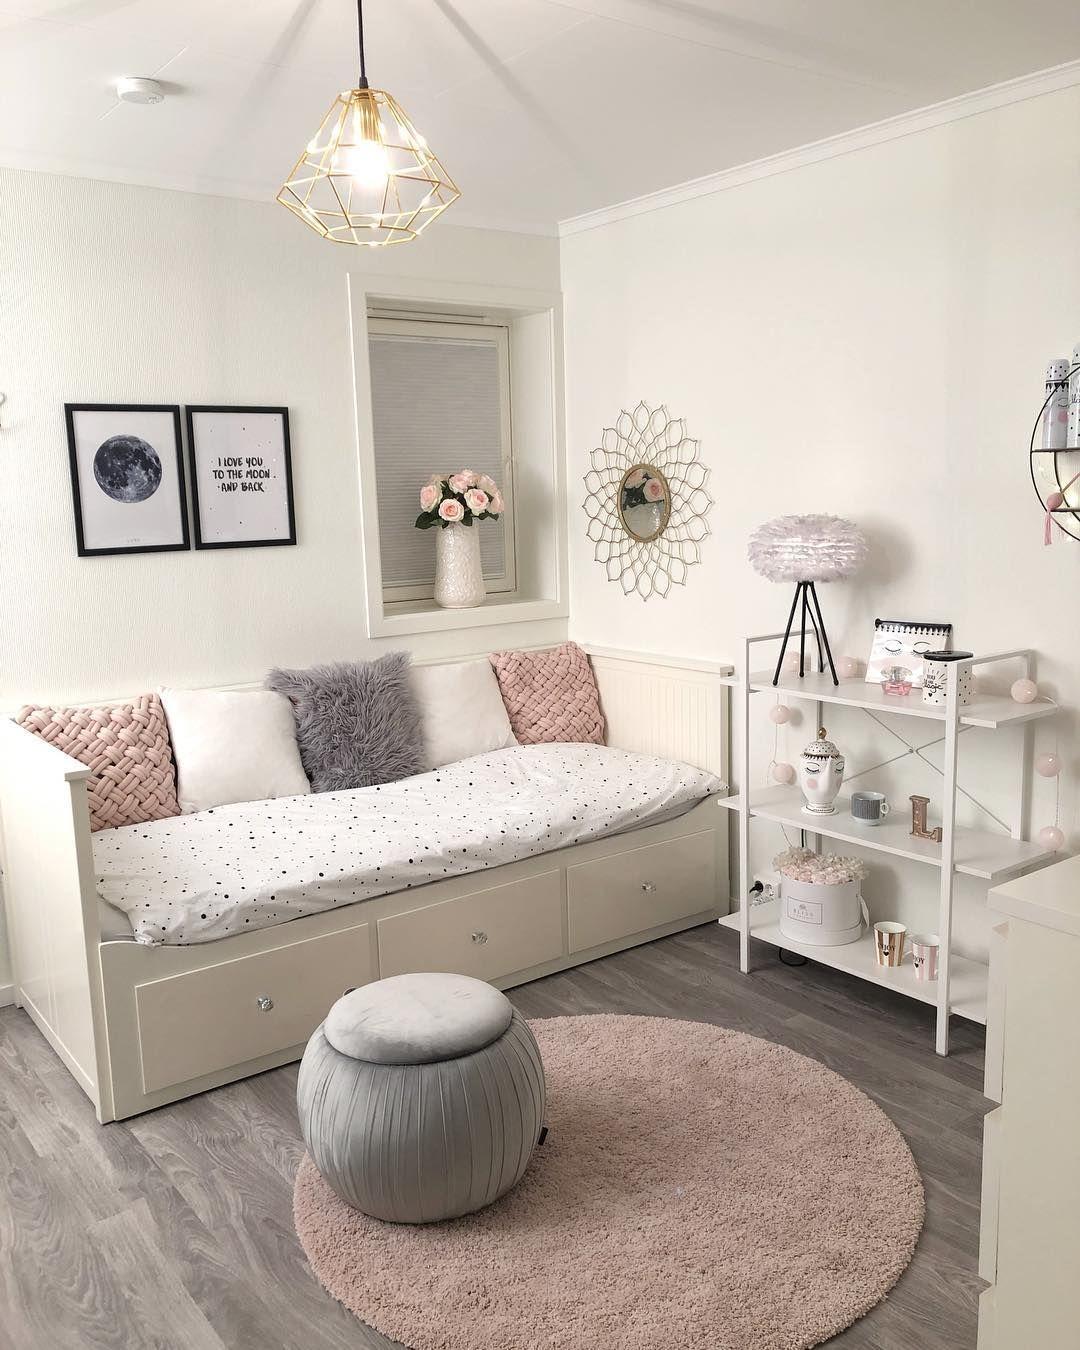 Noen som gleder seg til påske? 🐣🐣 • • Jeg skal skrive på bachelor og ta en bitteliten påskeferie på fjellet✨✨ ~~~~~~~~~~~~~~~~~~~~~~~~~~~~~~~~~~~ #interiør#interiørdesign #interiørdetaljer #interior #interiores #interiör #interiors #myinterior #interiordesign #sittpuff #inredning #design #bedroom #pink #hem #heminspiration #hjem #bolig #boligstyling #boligpluss #stue #boliginspiration #inredning #finehjem #nordiskehjem #norskehjem #innredning #jenterom #barnerom #seng  @interior4inspo  @homead